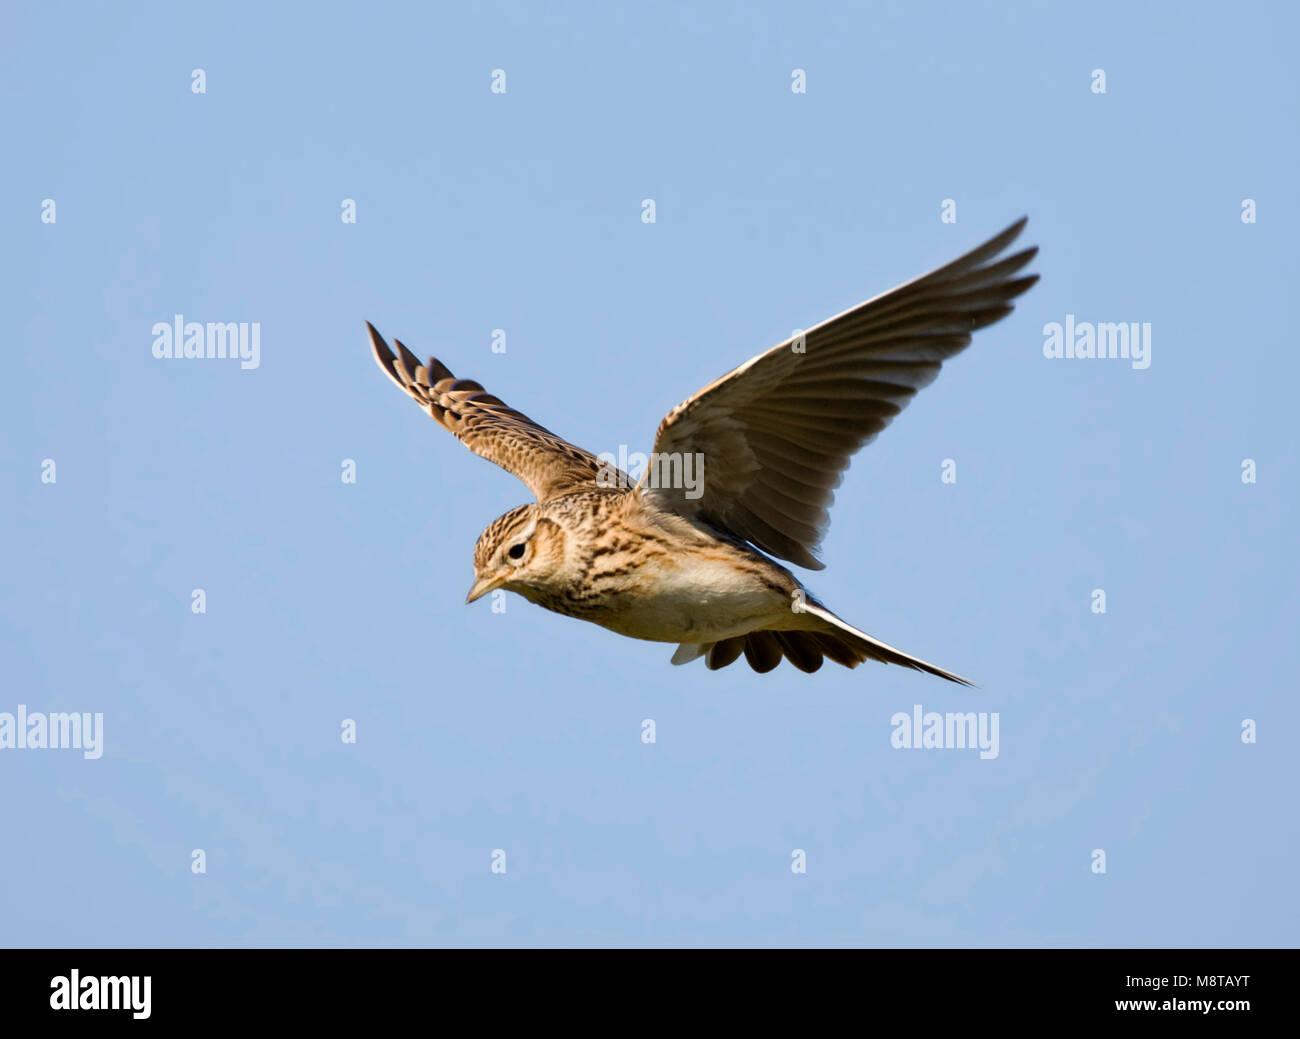 Veldleeuwerik vliegend tijdens baltsvlucht; Skylark flying during display flight - Stock Image